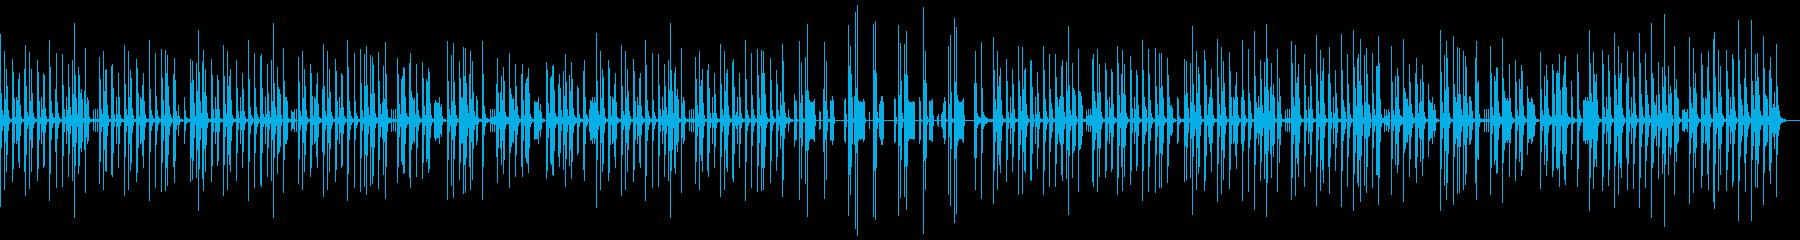 ほのぼのした雰囲気のBGM2の再生済みの波形